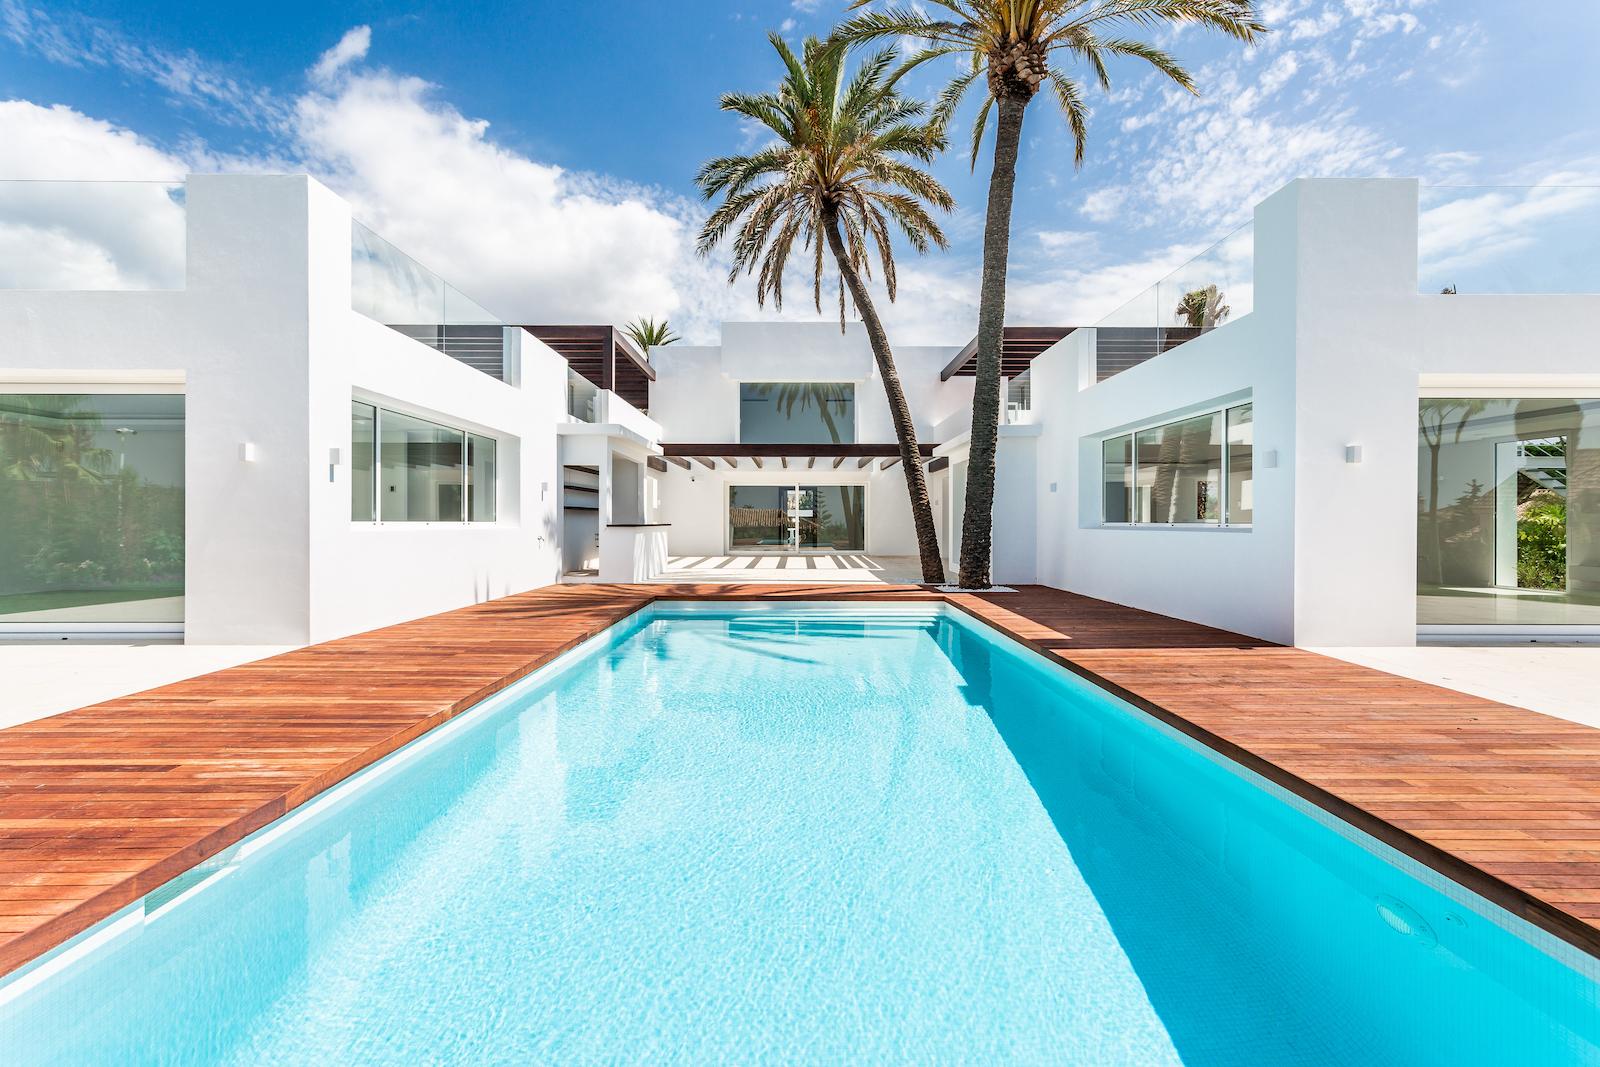 New modern villa in El Rosario Playa